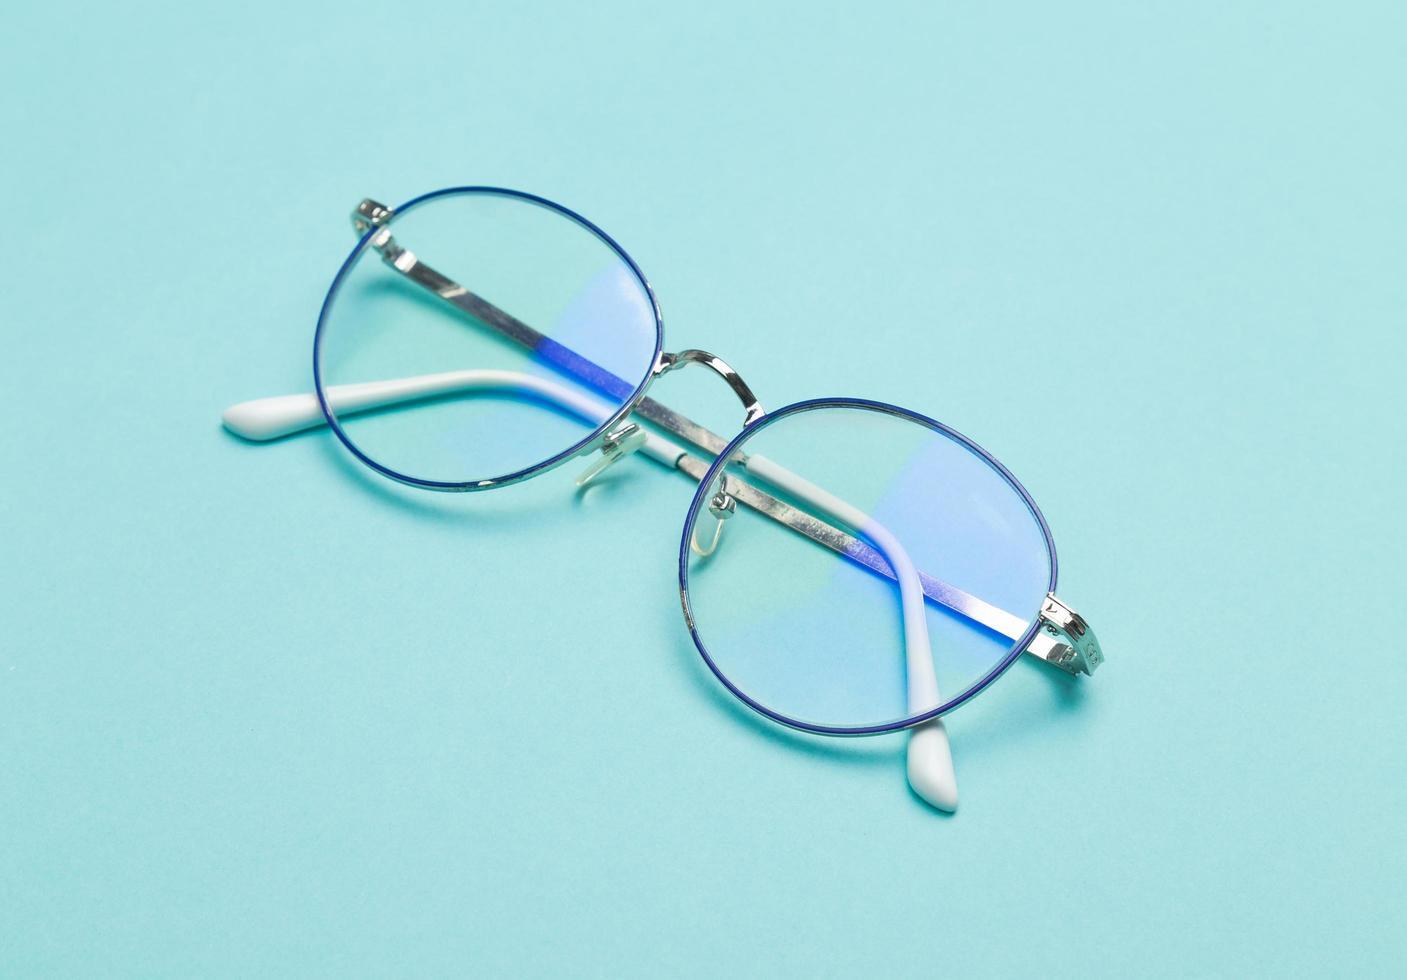 brillen op blauwe achtergrond foto